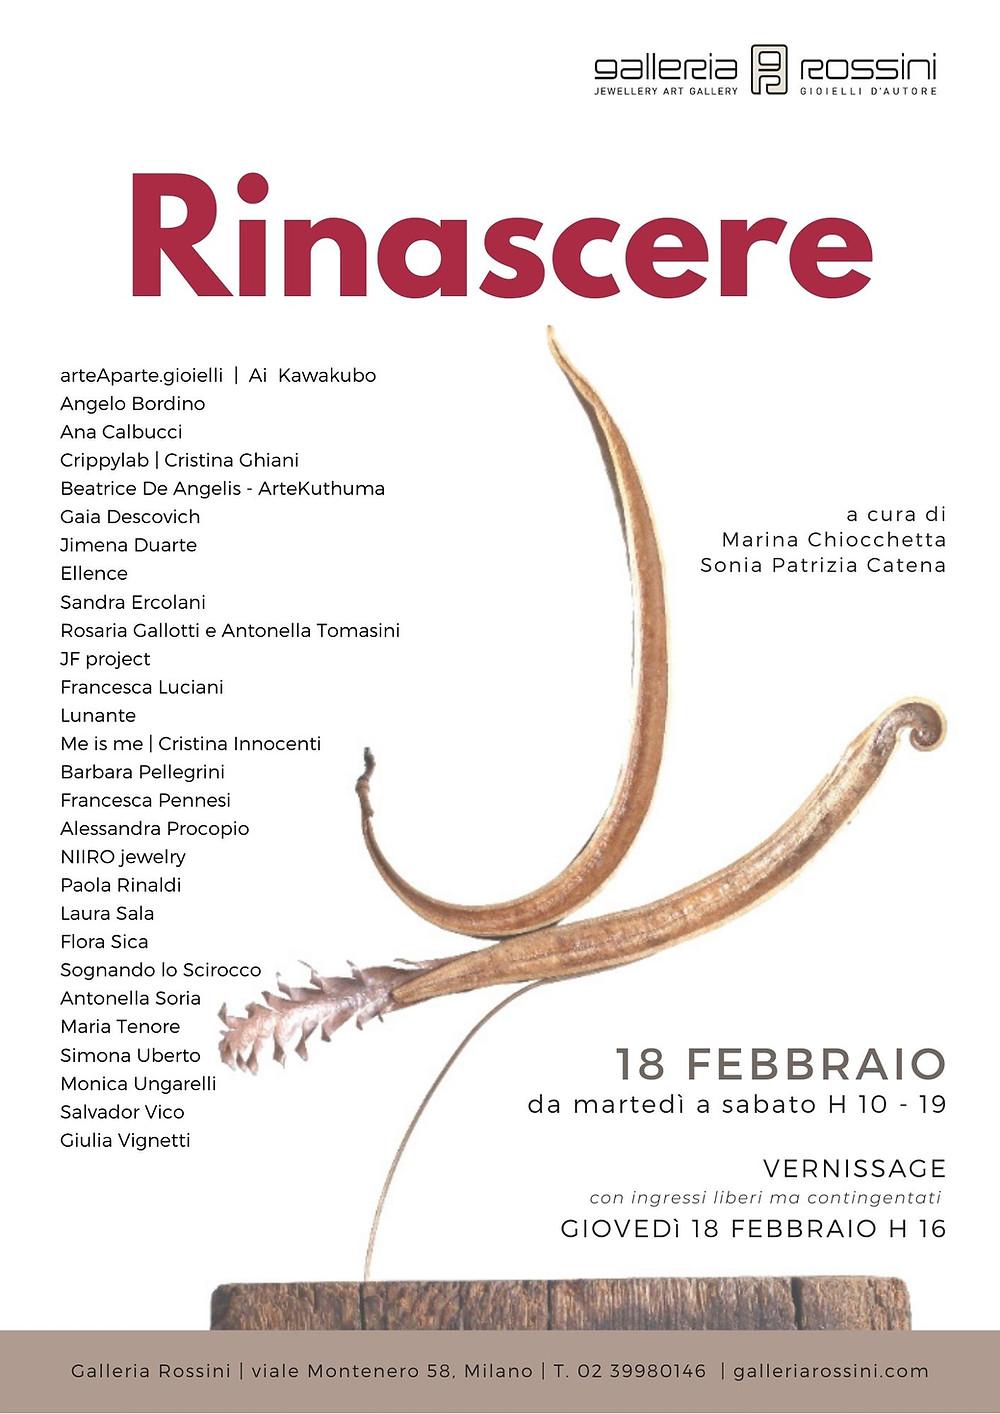 mostra Rinascere Galleria Rossini   Milano